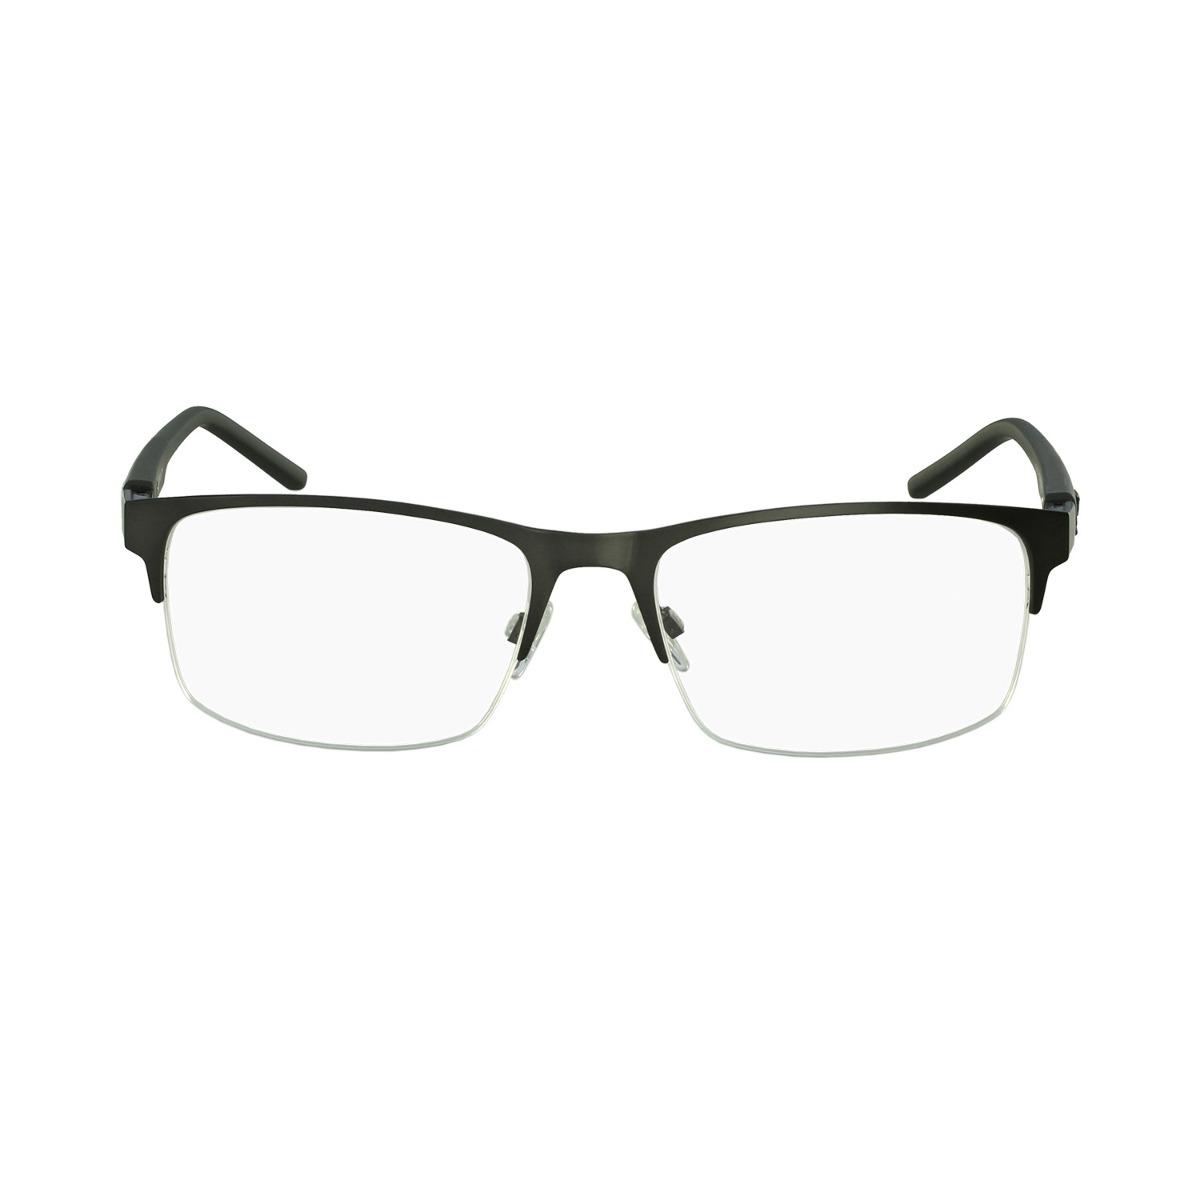 ac5069a74ce1c Óculos De Grau Speedo Clássico Cinza Asp2m03590 - R  387,00 em ...